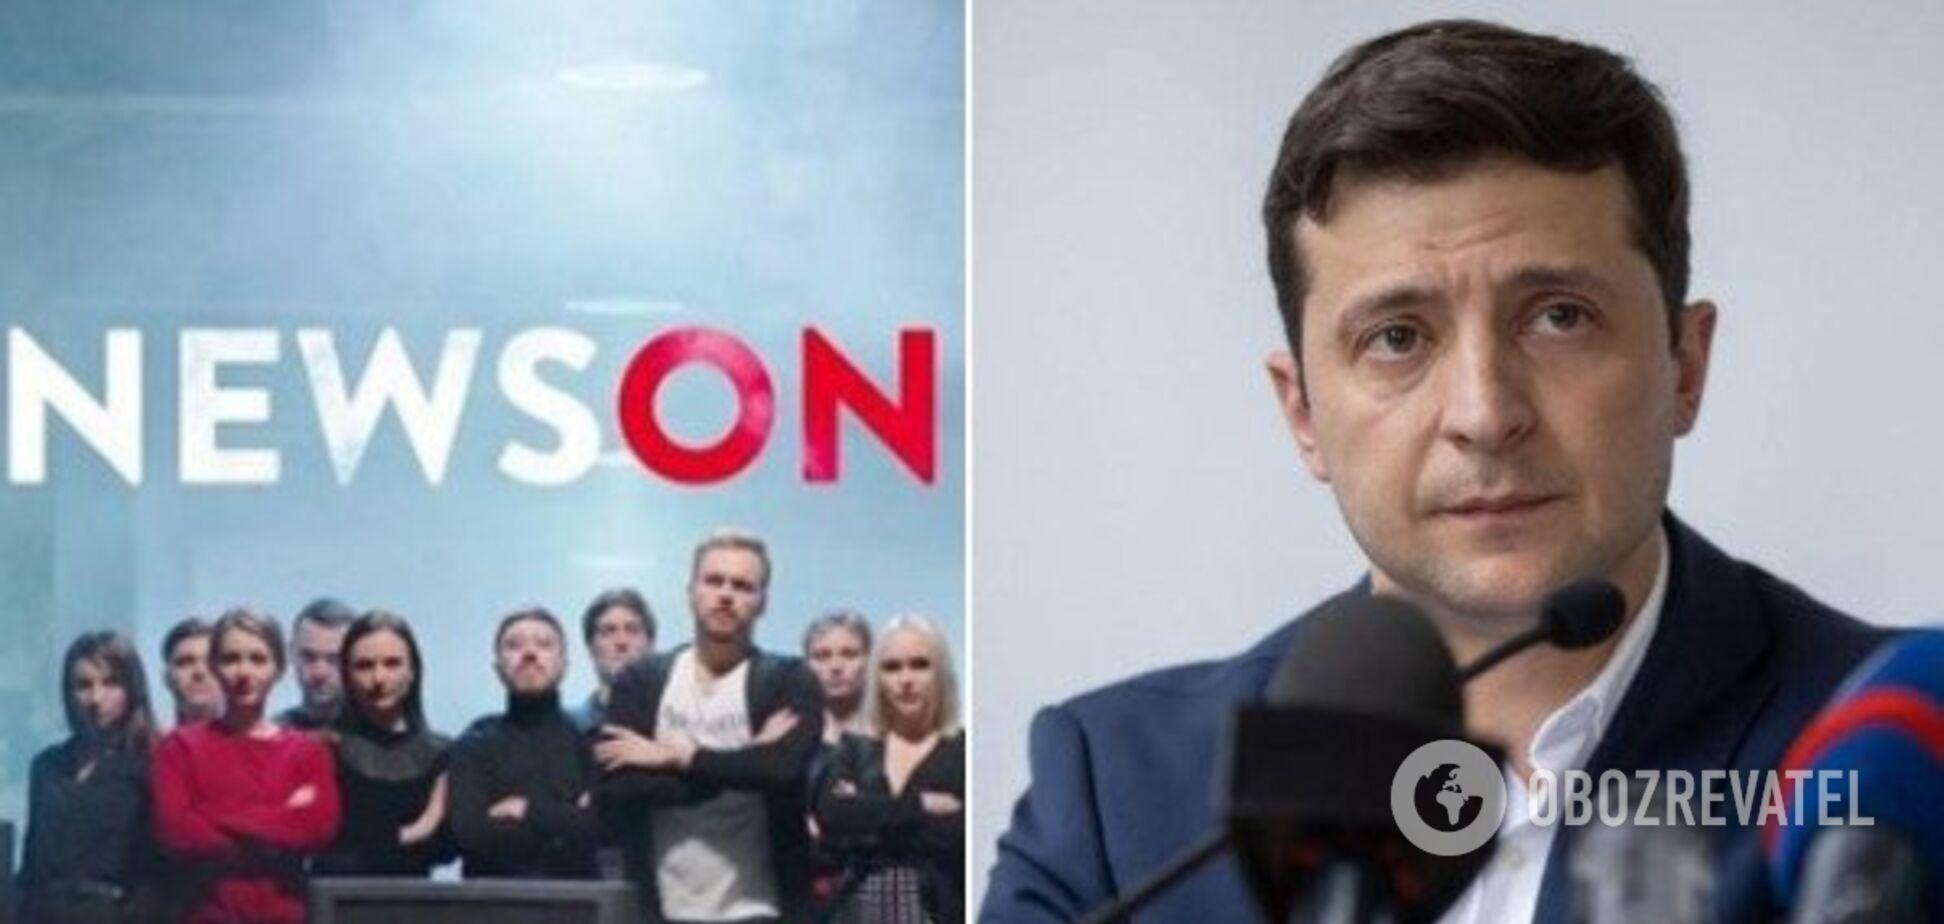 'Поставив Зеленського в розтяжку': сплив скандальний інсайд про телеміст з Росією